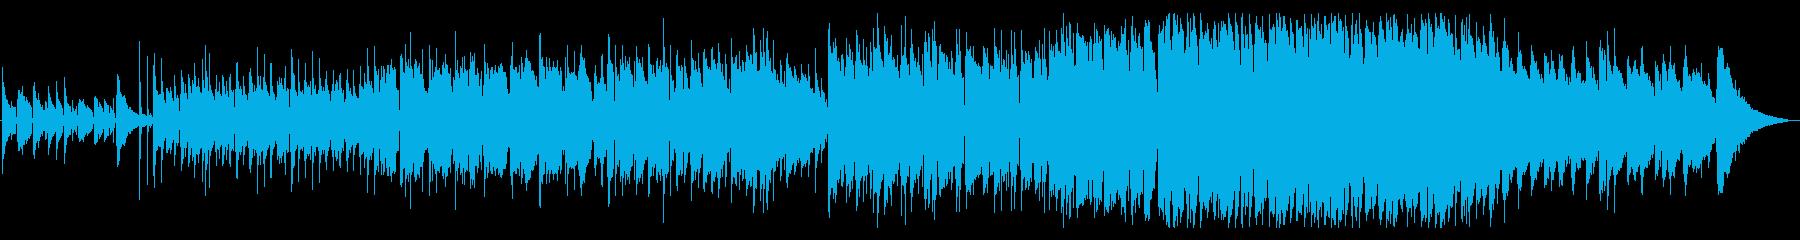 心の荒んだ歌詞のアコースティックバラードの再生済みの波形